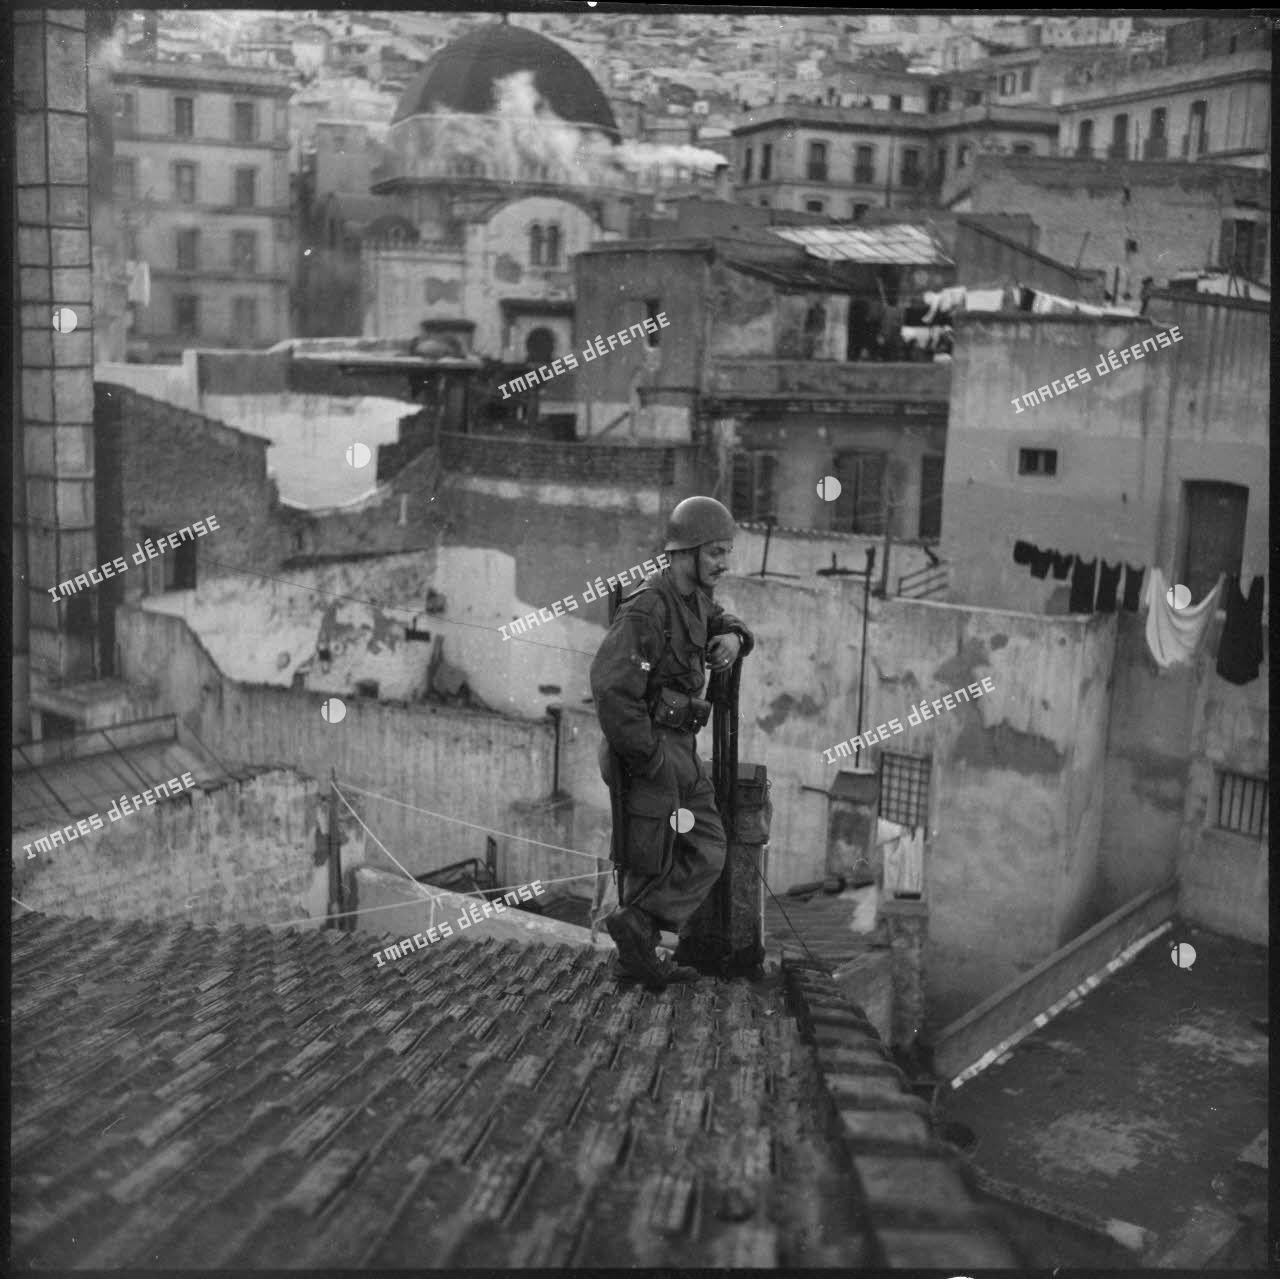 Soldat posté sur un toit de la casbah d'Alger.